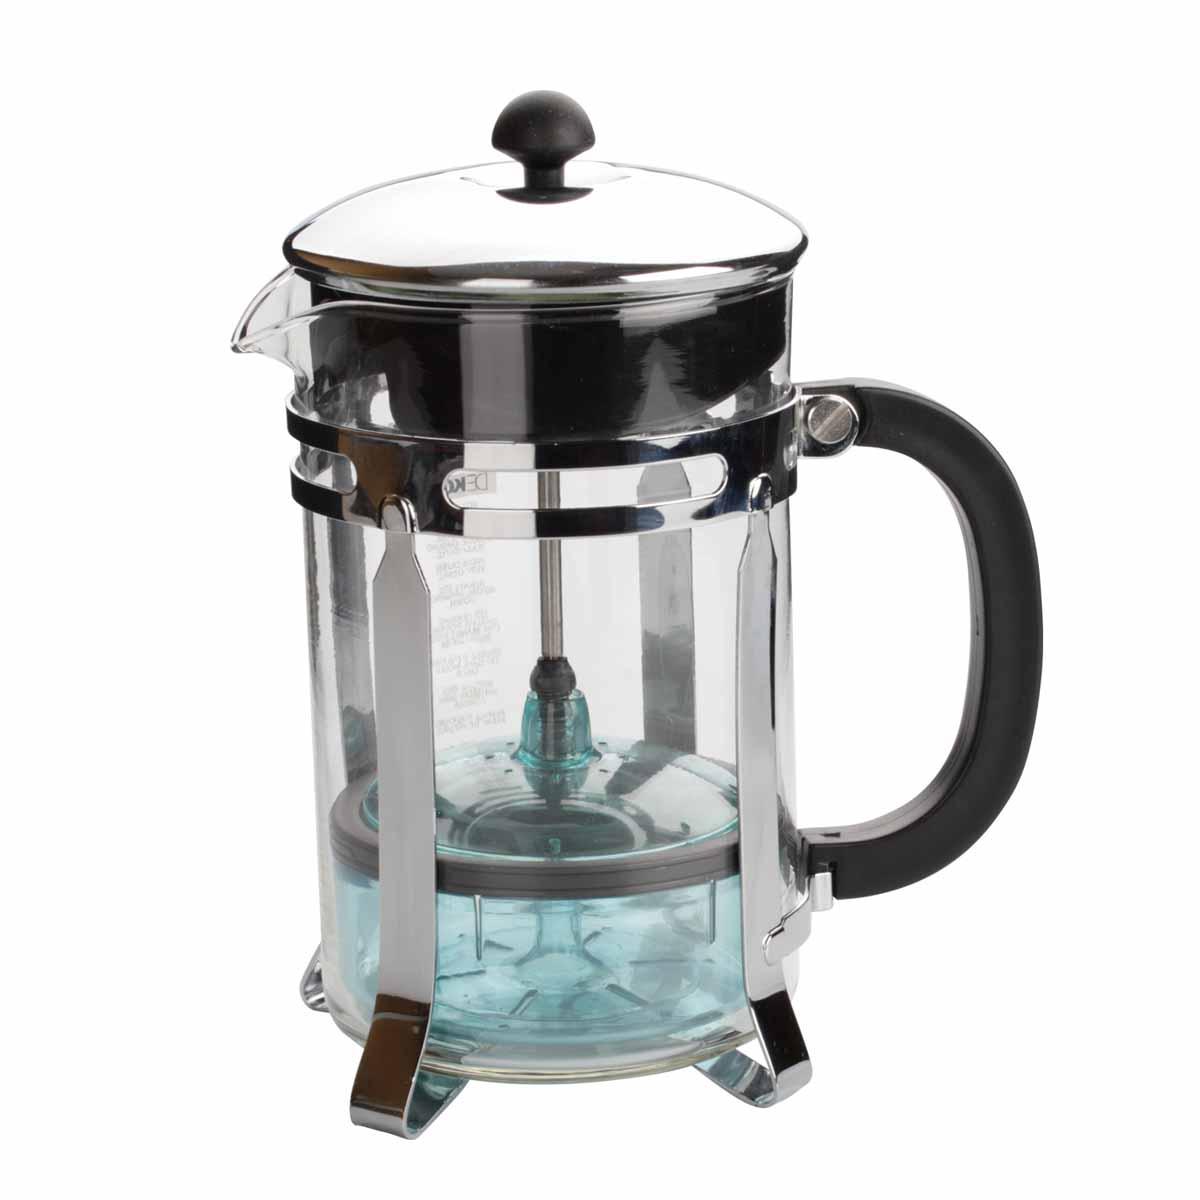 Чайник Dekok Press-Filter, 800 млCP-1005Чайник Dekok Press-Filter c встроенным в крышку пресс-фильтром в виде оригинального контейнера позволит приготовить за 3-5 минут несколько чашек чая или кофе. Изделие оснащено эргономичной пластиковой ручкой. Конструкция носика антикапля удобна для разливания напитков в чашки. Емкость чайника выполнена из жаропрочного стекла, основание - из стали. Надежное устройство фильтра обеспечивает идеальную фильтрацию ароматного напитка. Неоспоримым плюсом кухонных устройств Dekok является: - инновационность - новый взгляд на привычные приспособления, возможность их настроек и регулировок, - многофункциональность - во многих изделиях идеально воплощен принцип все в одном, - индивидуальный подход - различные варианты комплектаций и размеров кухонных устройств позволят подобрать инструмент с учетом индивидуальных потребностей. Размер чайника (без учета крышки): 11 см х 9,5 см х 16 см. Объем: 800 мл.